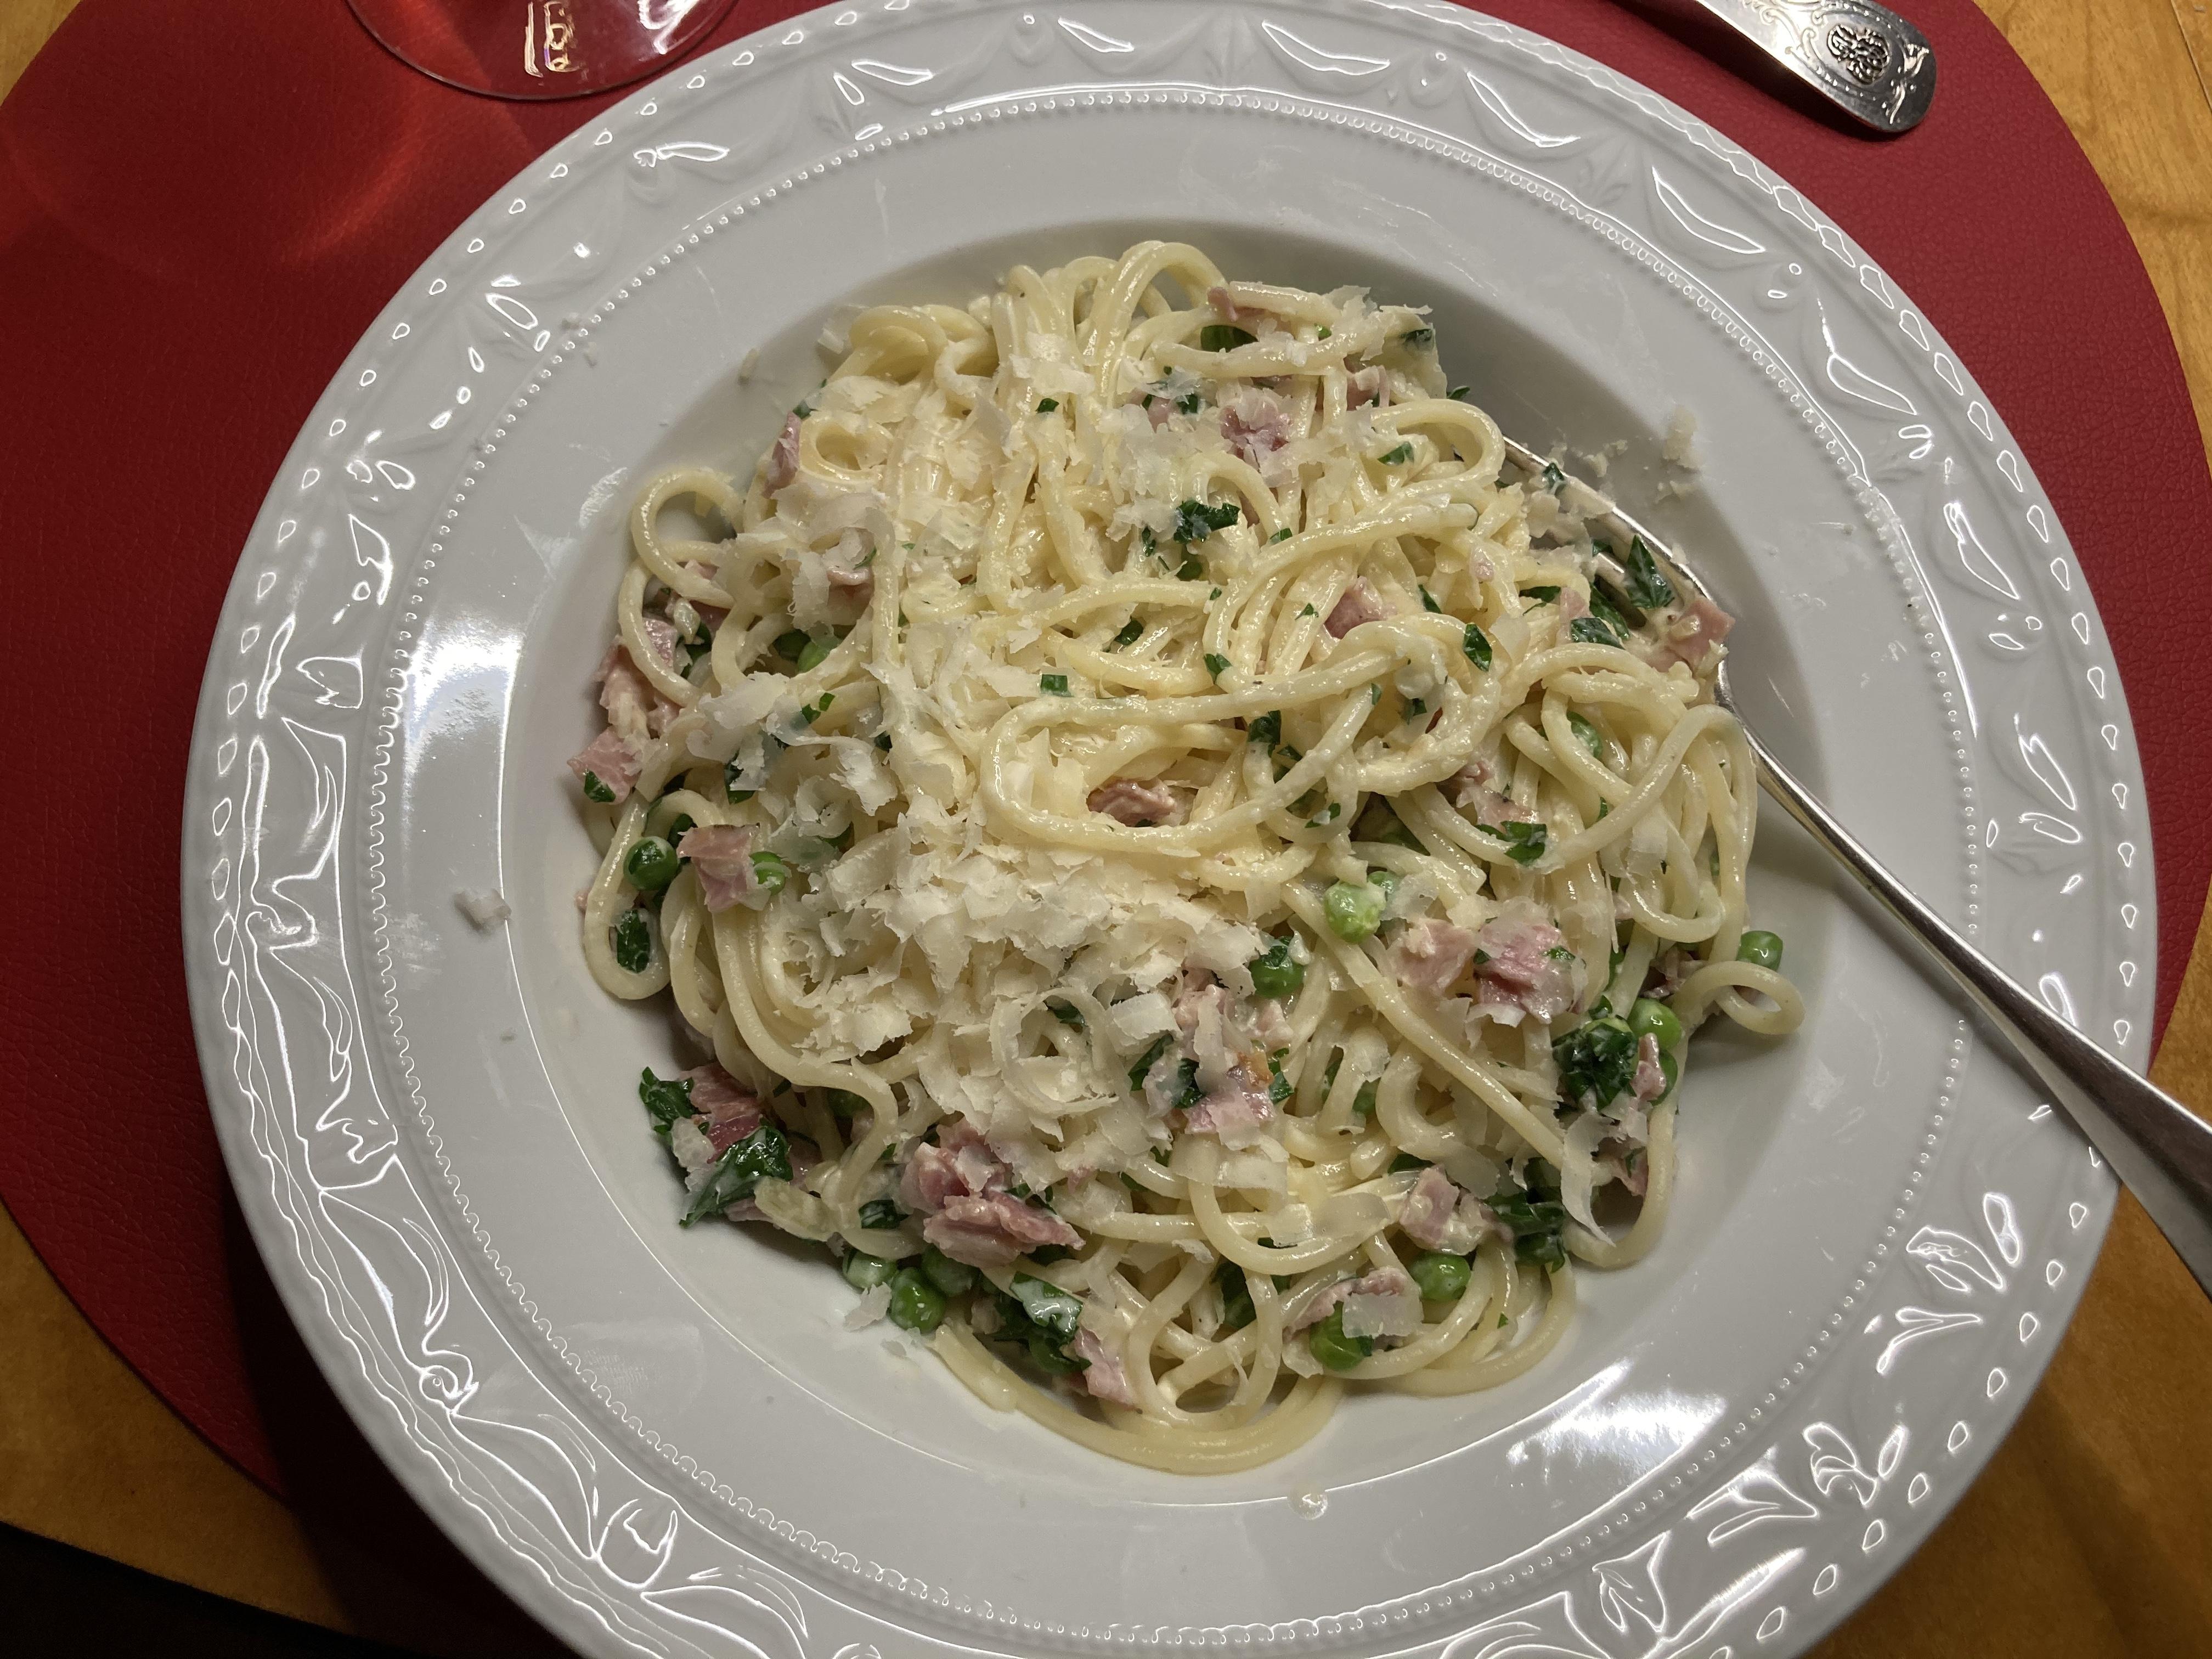 Schnelle Spaghetti Emiliana – Tischgespräch